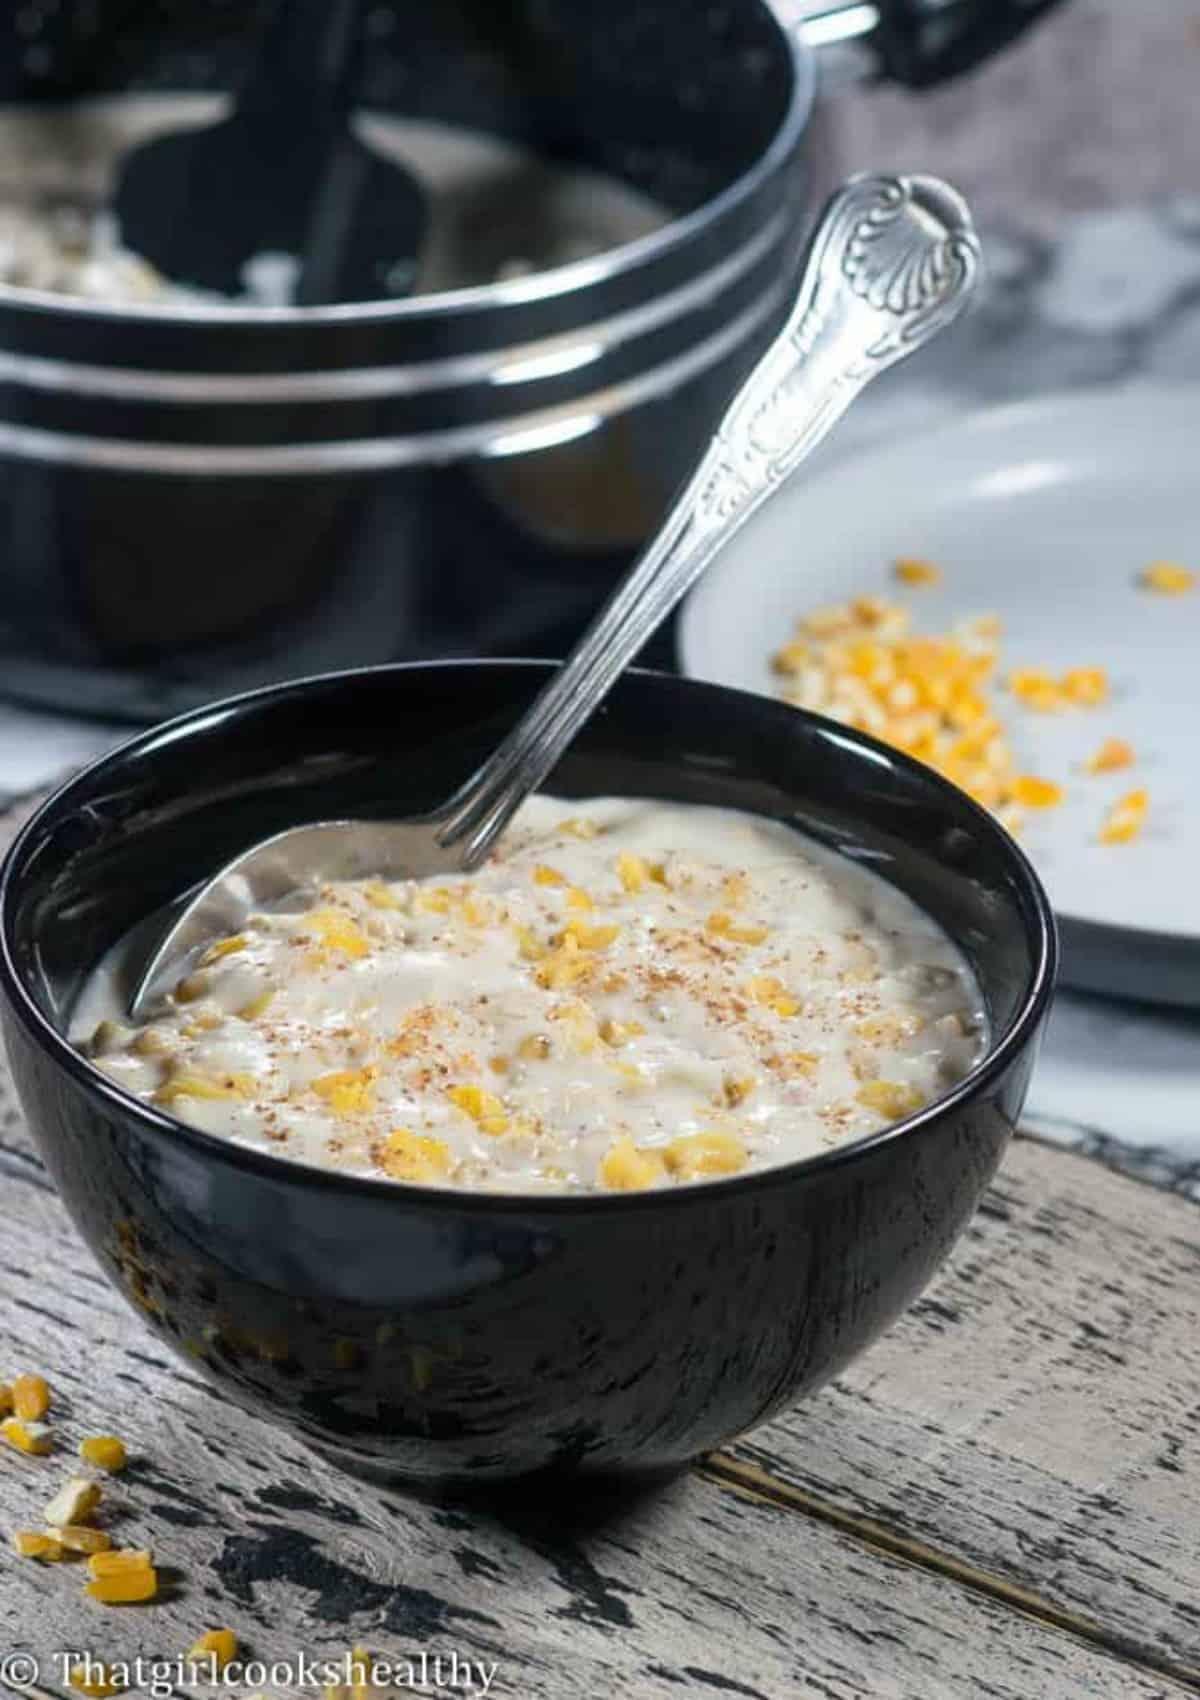 Porridge in the black bowl